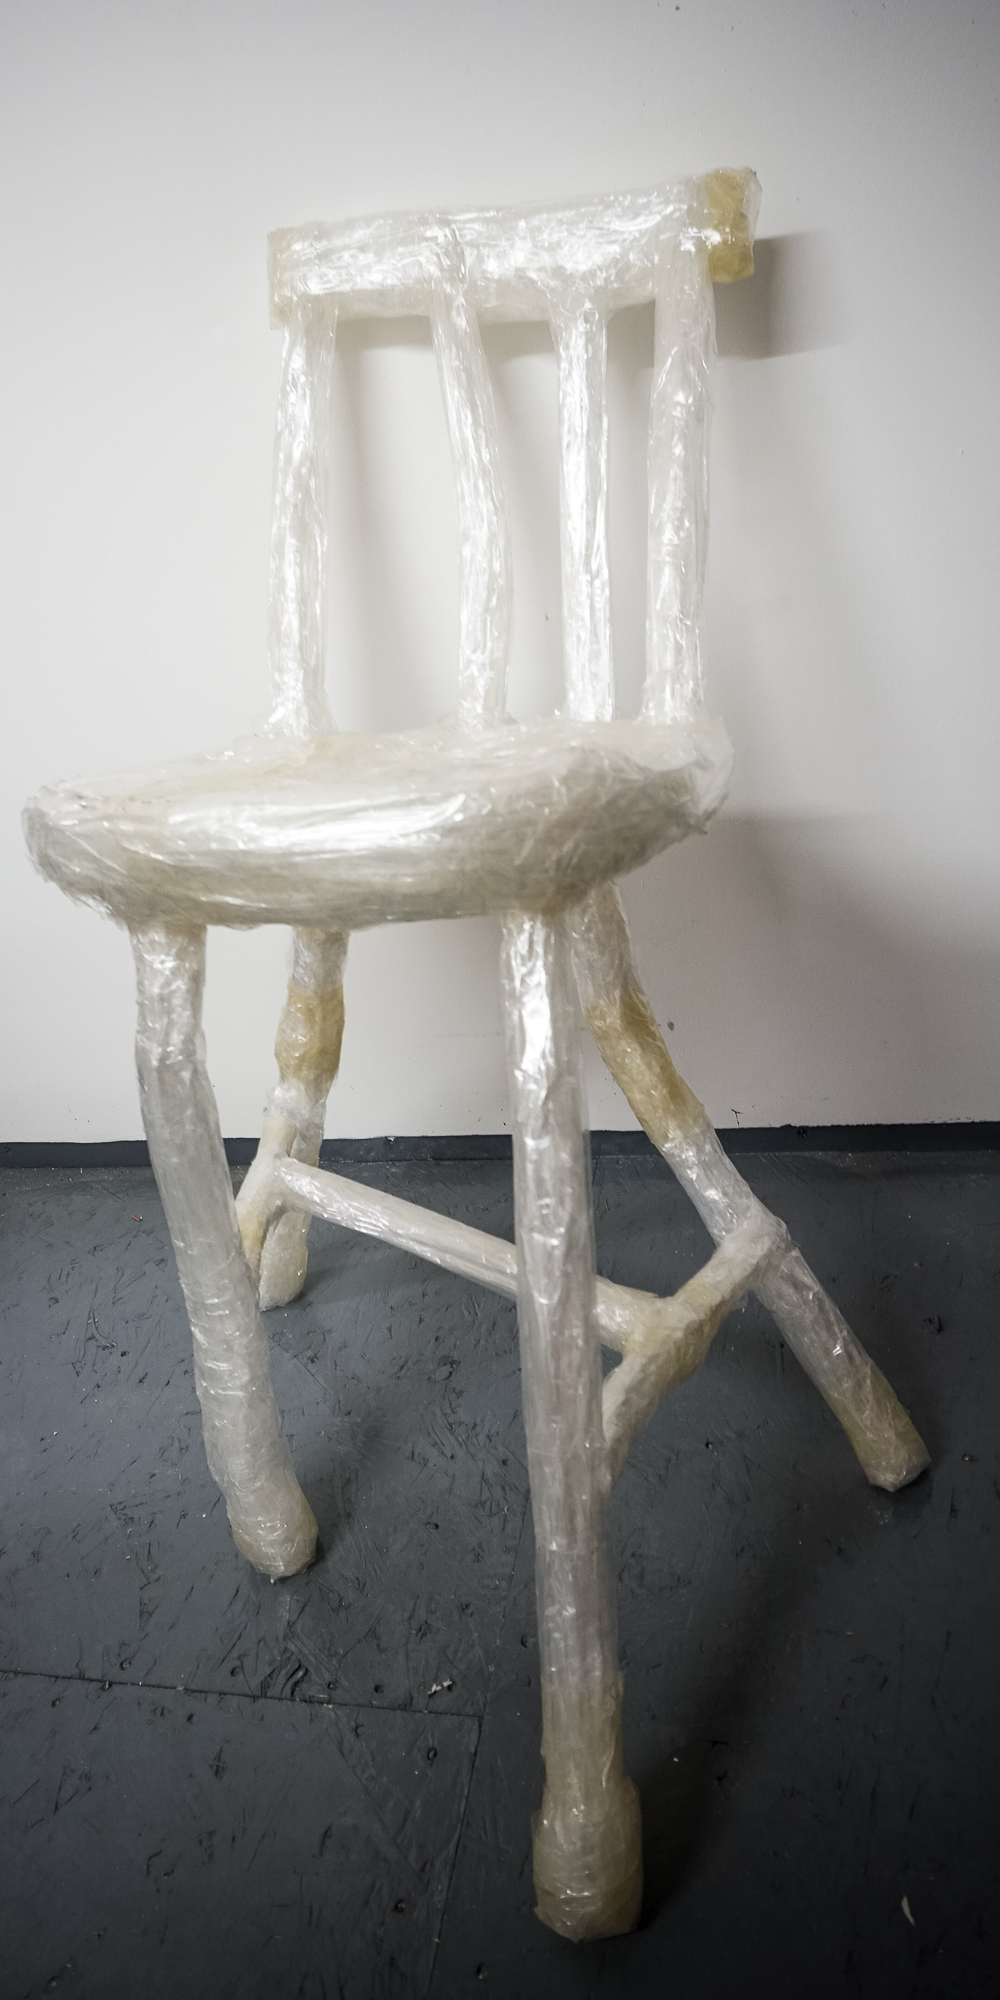 Chair, 2018